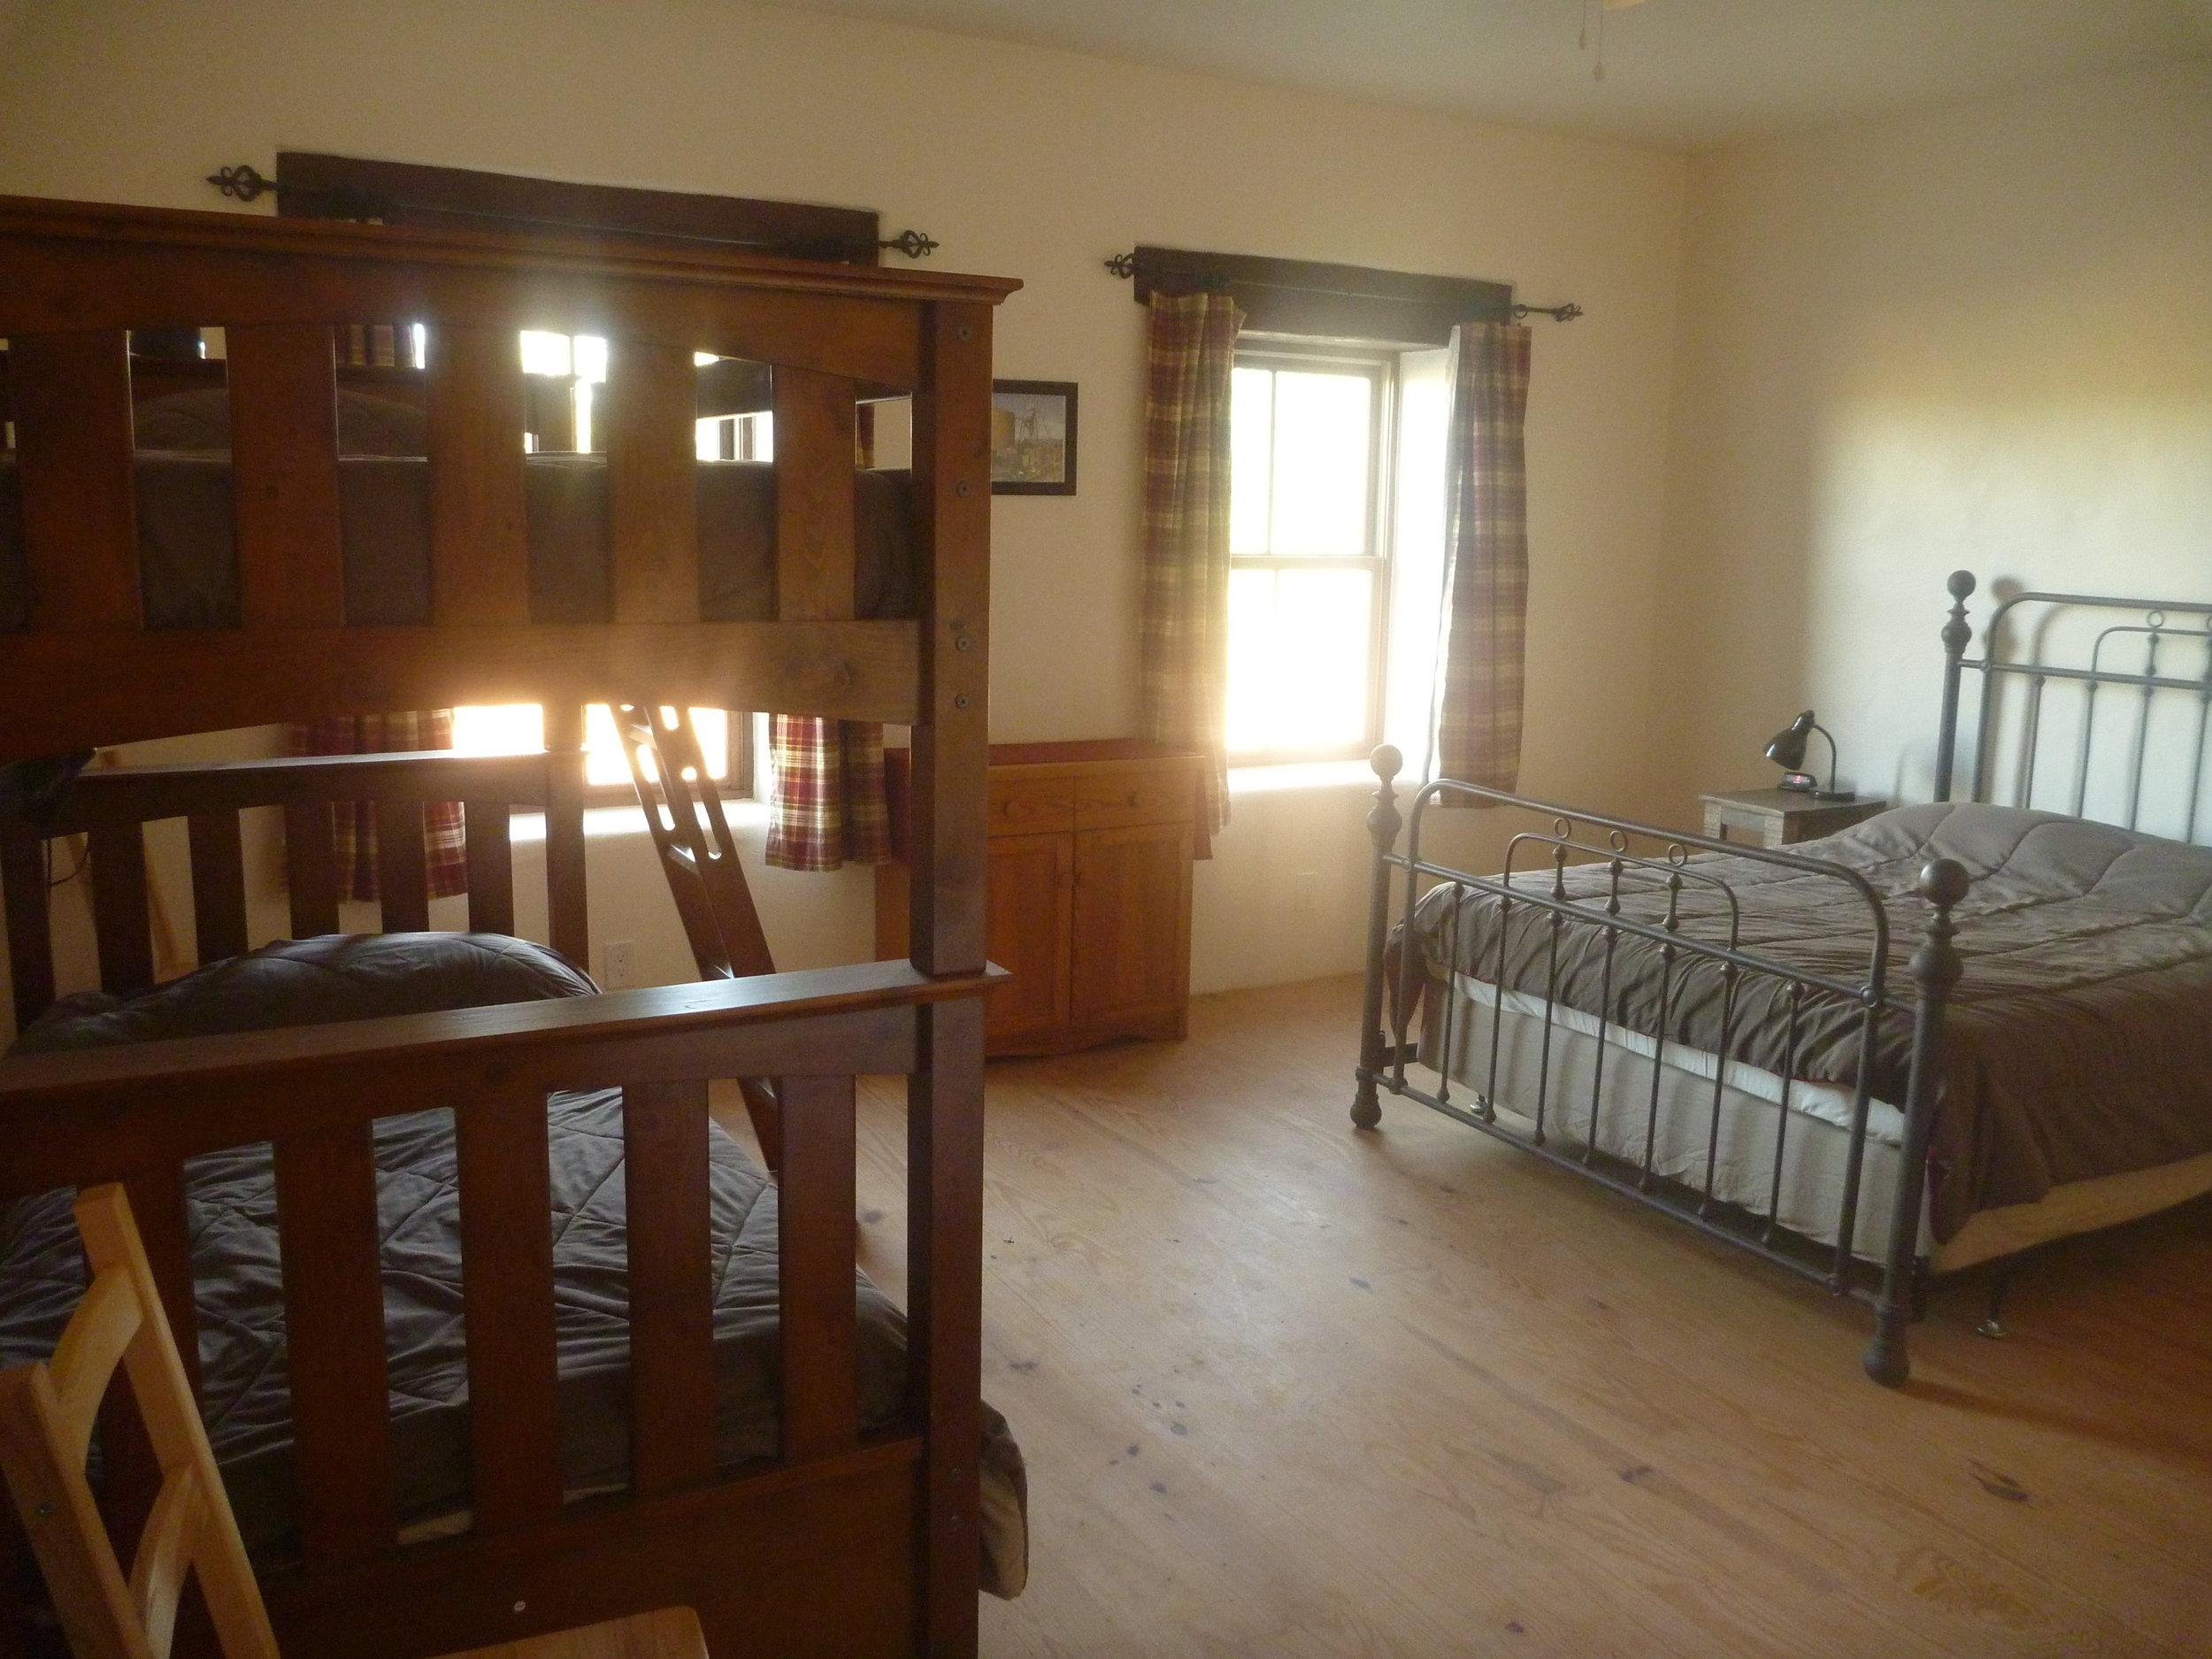 Top Angebot: - Top Angebot im Mehrbettzimmer (ab 3 Personen)!